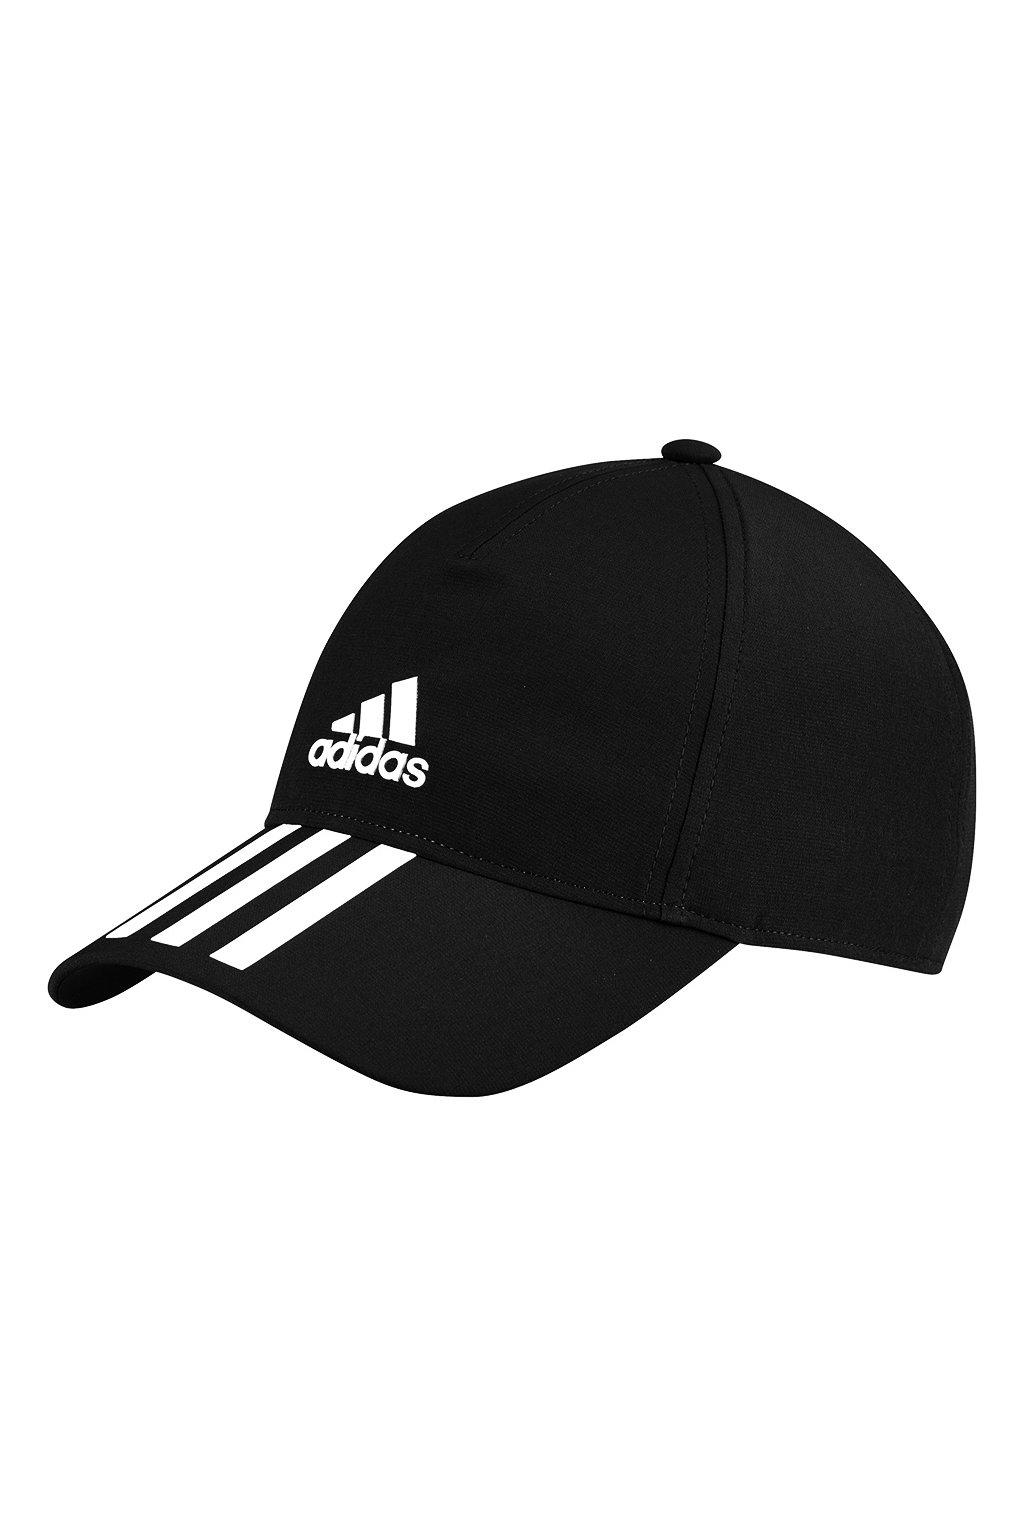 Pánska šiltovka adidas BB C 3S 4A A.R OSFM čierno biela FK0882